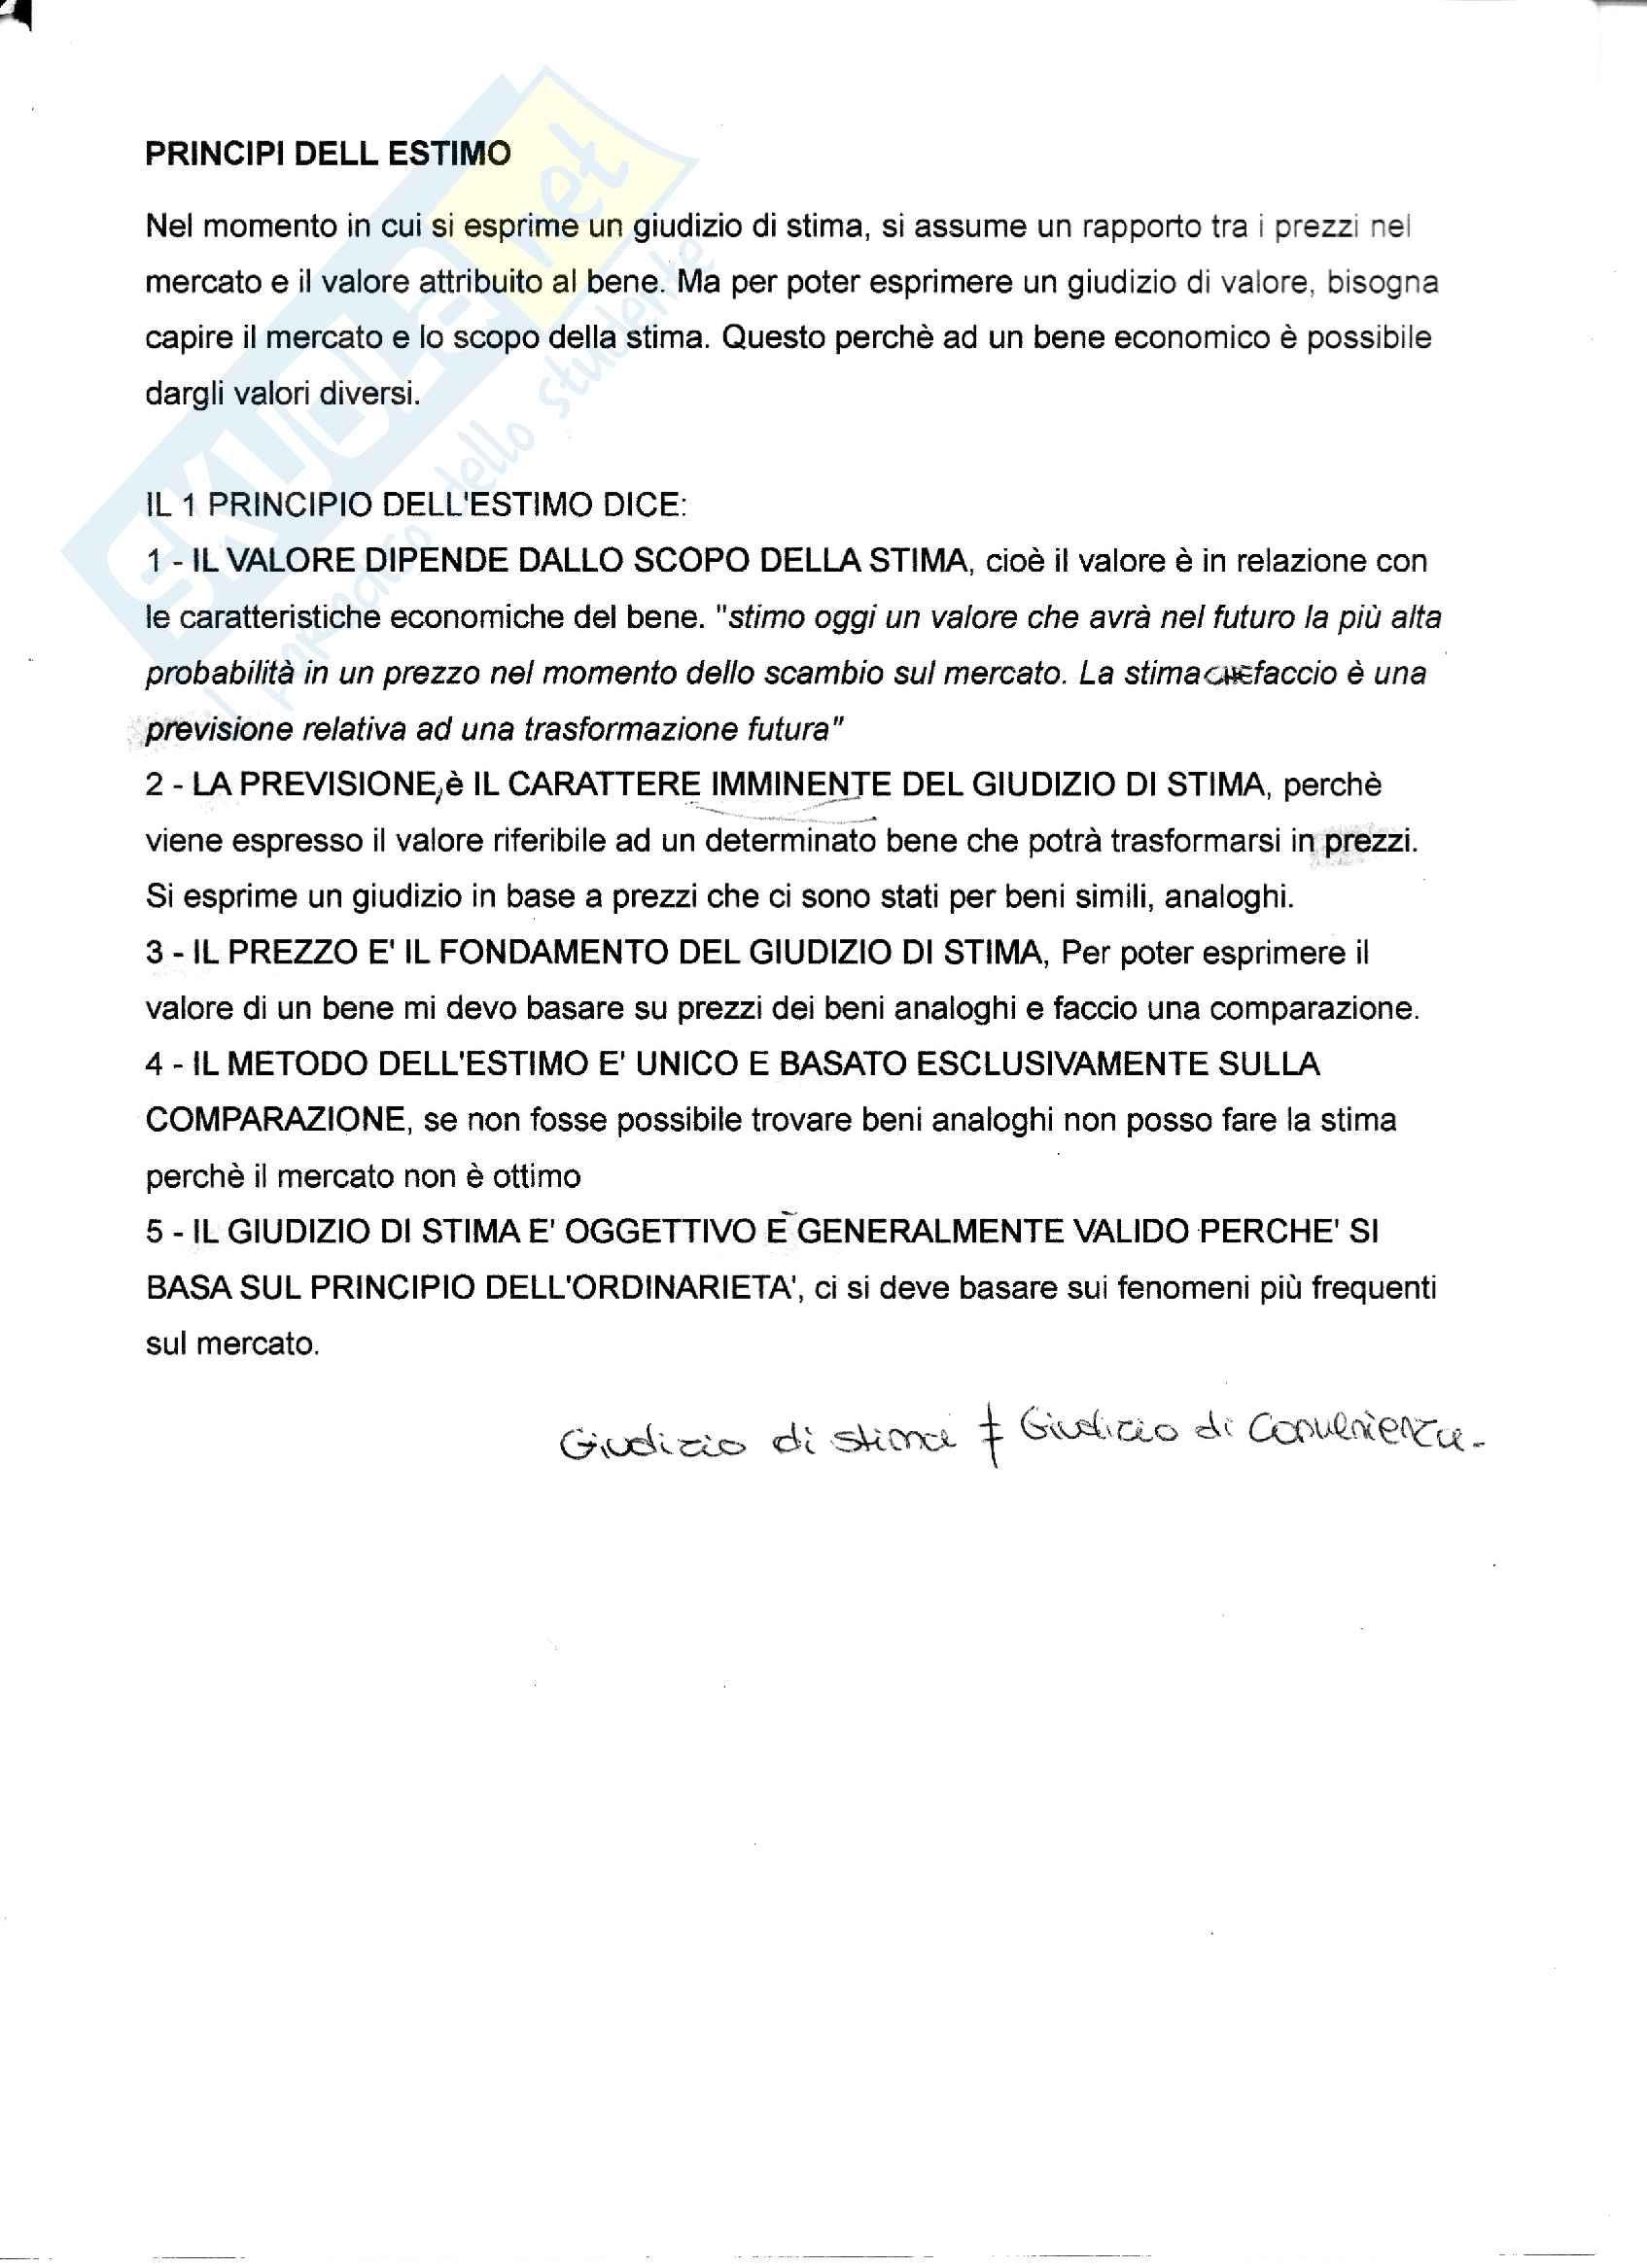 Appunti di Estimo e aspetti tecnico-economici nella gestione del cantiere Pag. 16